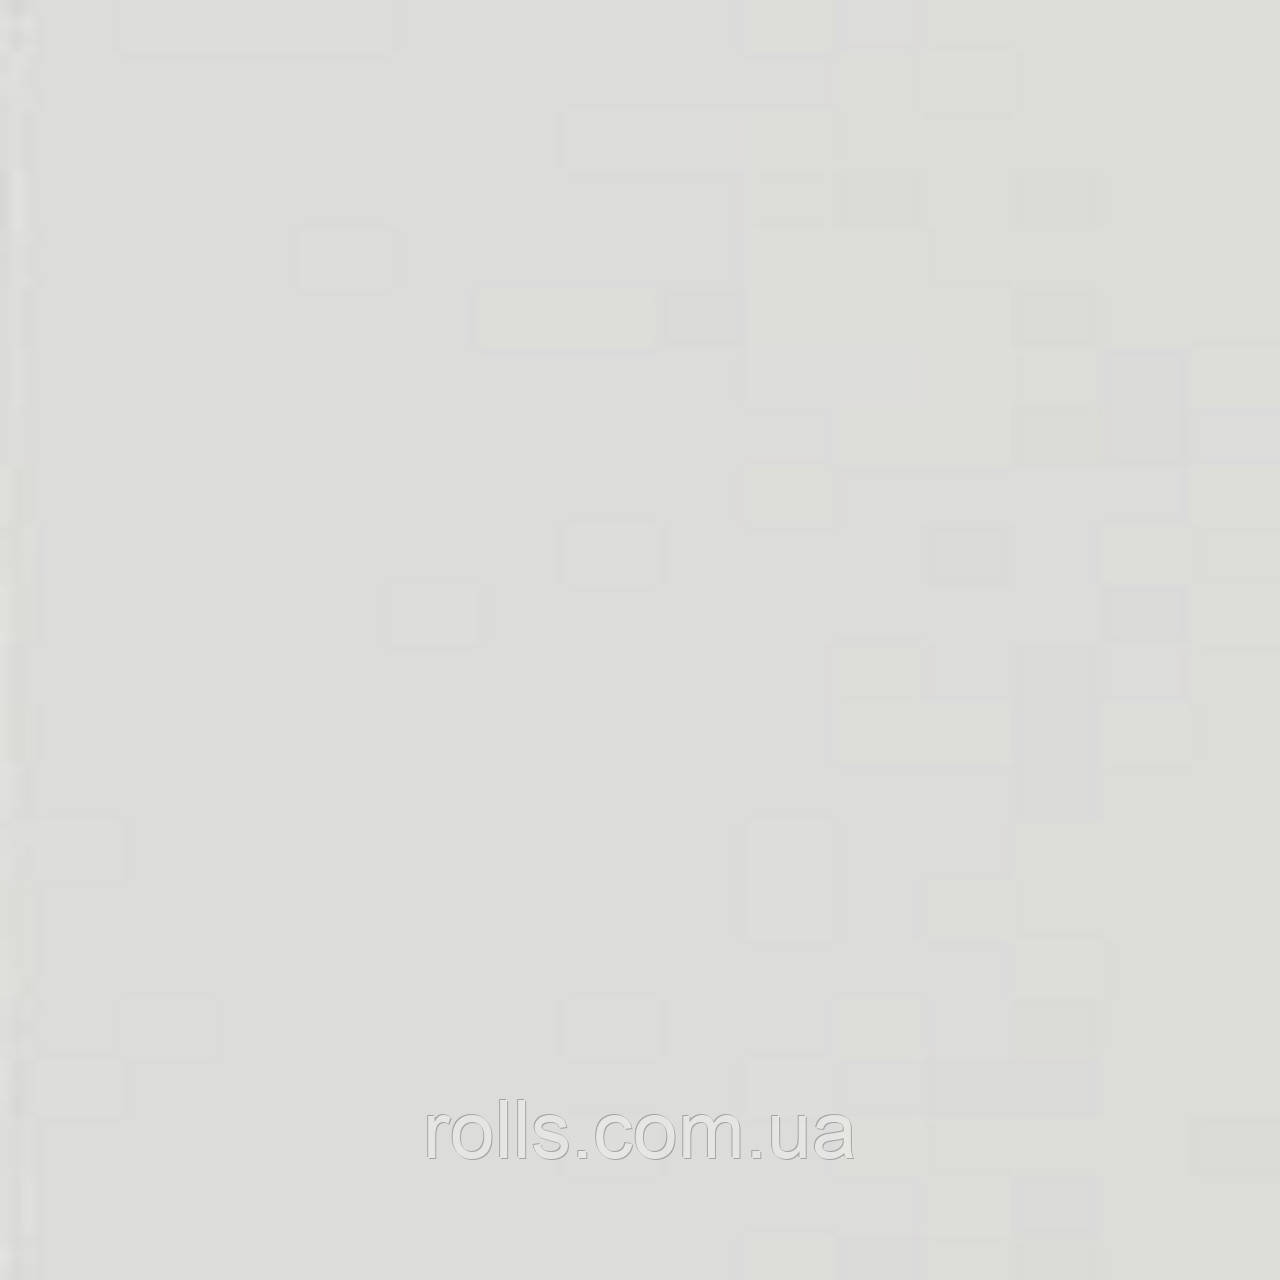 """Лист алюминиевый плоский PREFALZ Р.10 №10 PREFAWEISS """"БЕЛЫЙ PREFA"""" RAL9002 PREFA WHITE 0,7х1000х2000мм"""